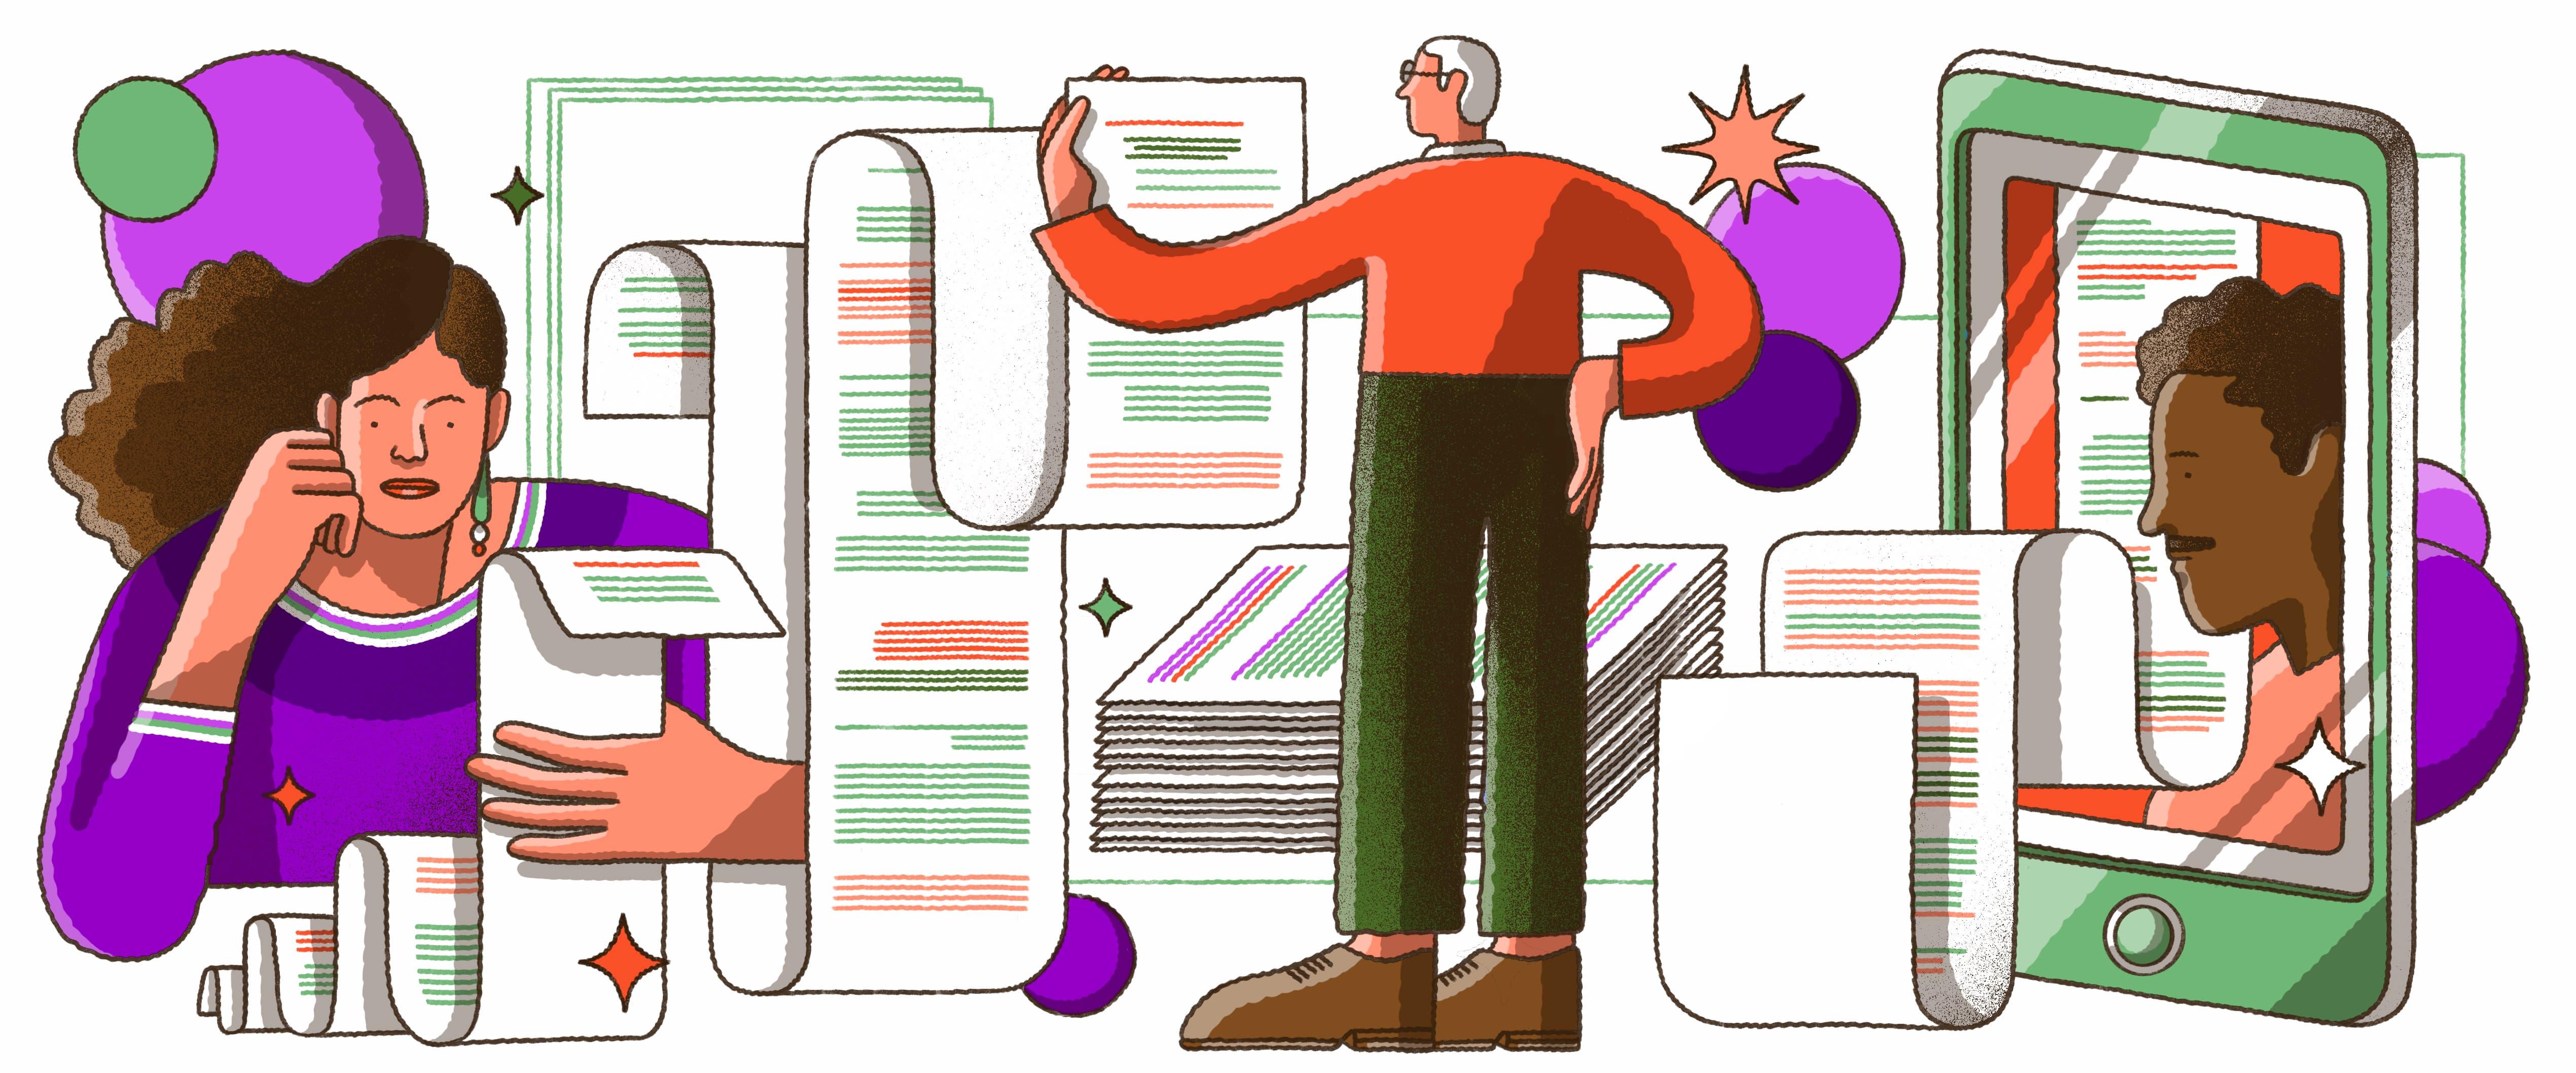 Ilustração que mistura vários elementos: algumas pessoas desenhadas aparecem segurando papeis quilométricos